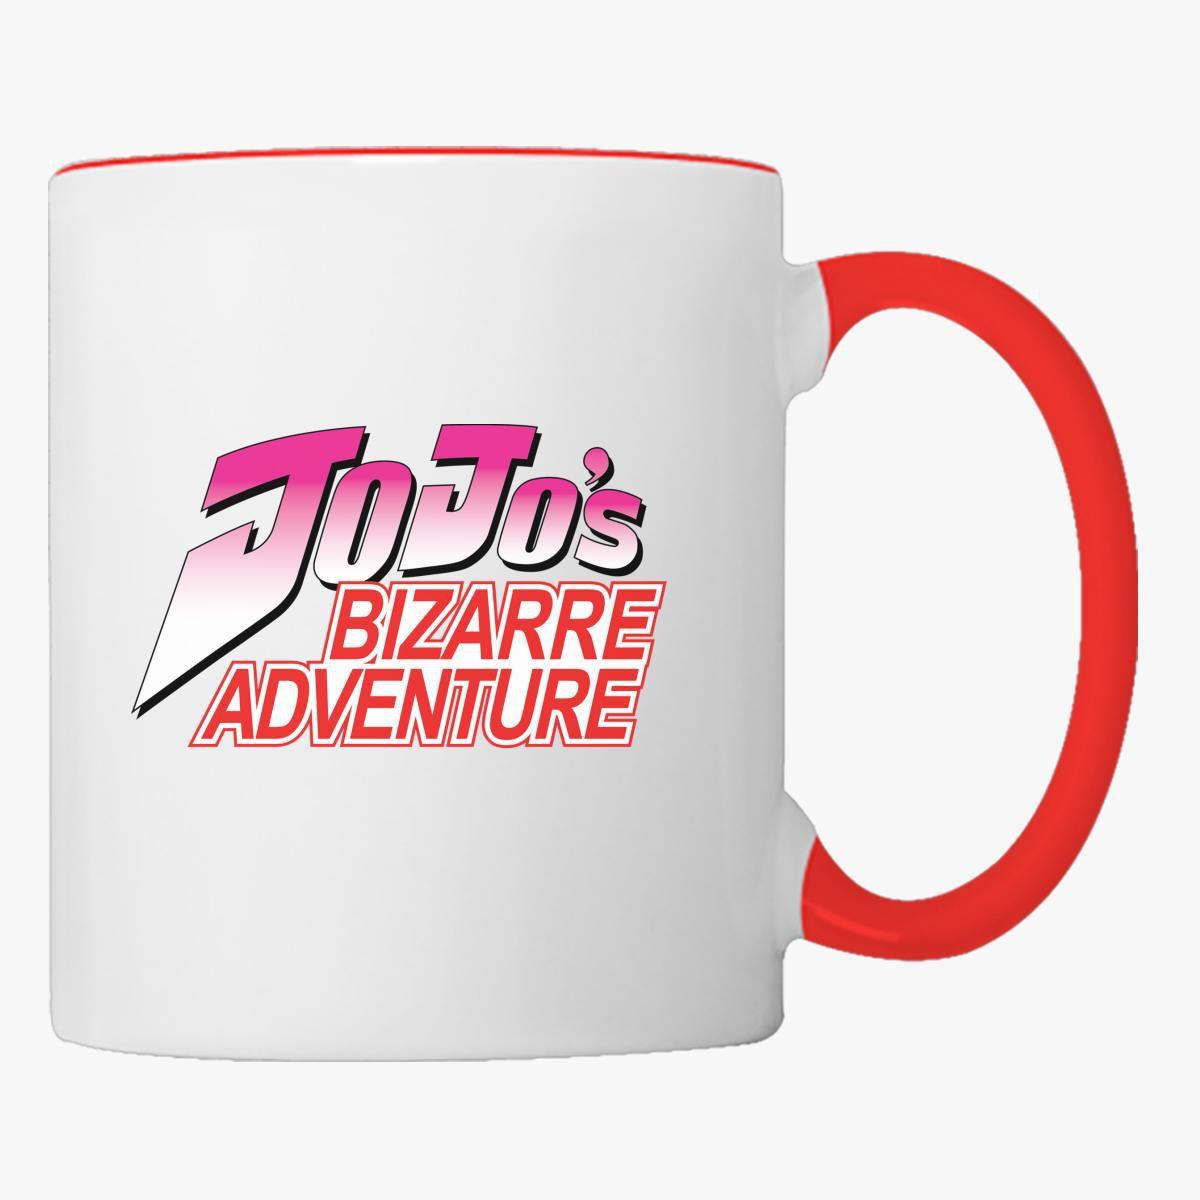 Jojo's Bizarre Adventure Logo Coffee Mug - Customon